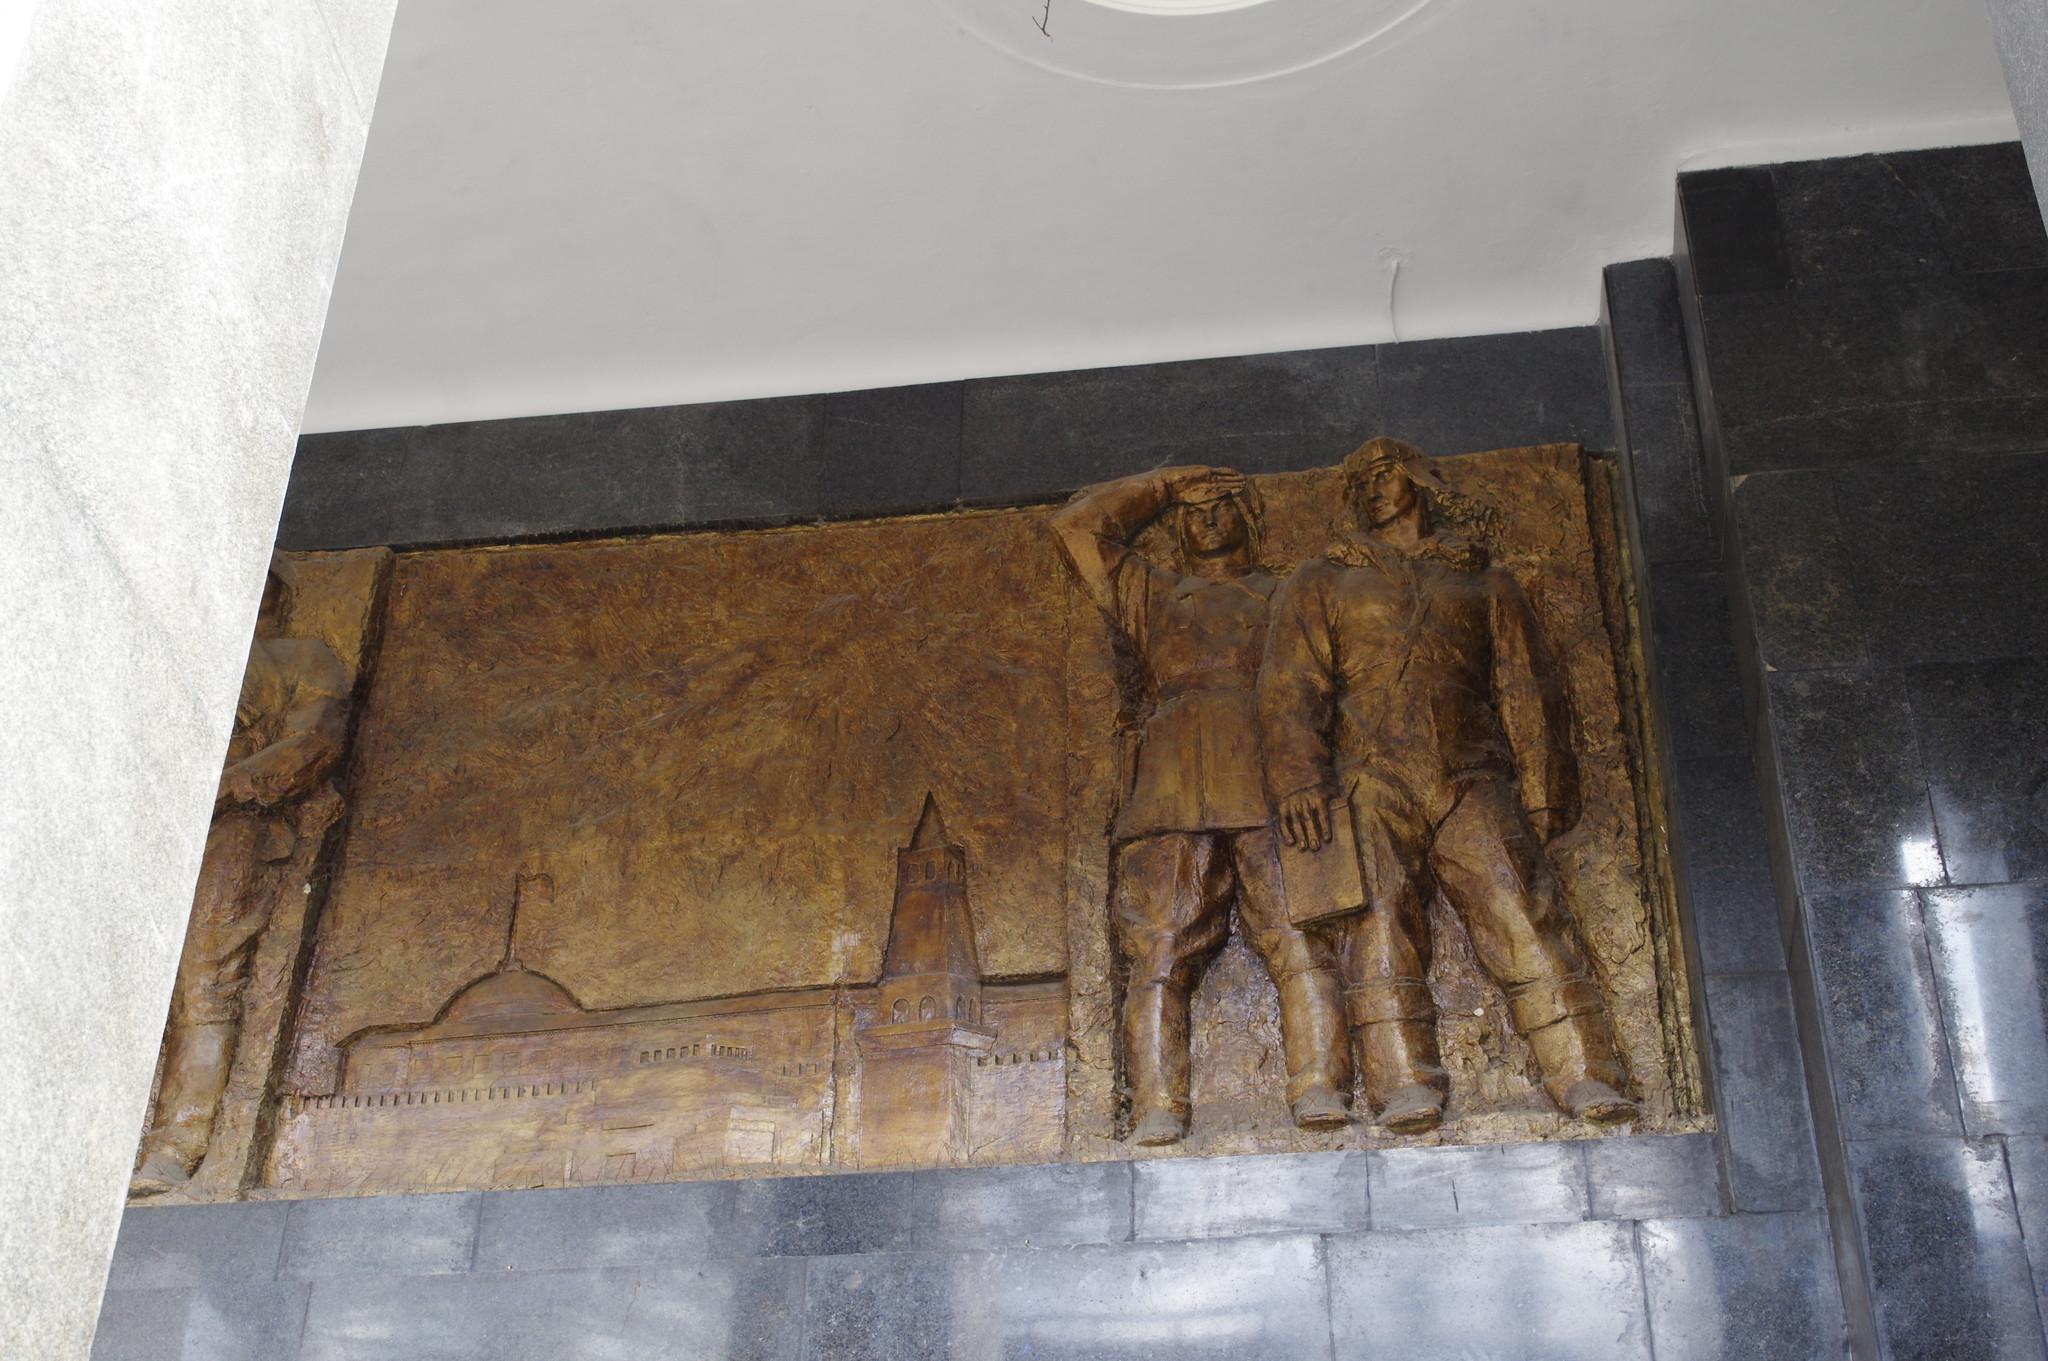 Рельефные изображения панорамы Красной площади и солдат разных видов войск на фасаде вестибюля станции «Бауманская» Арбатско-Покровской линии